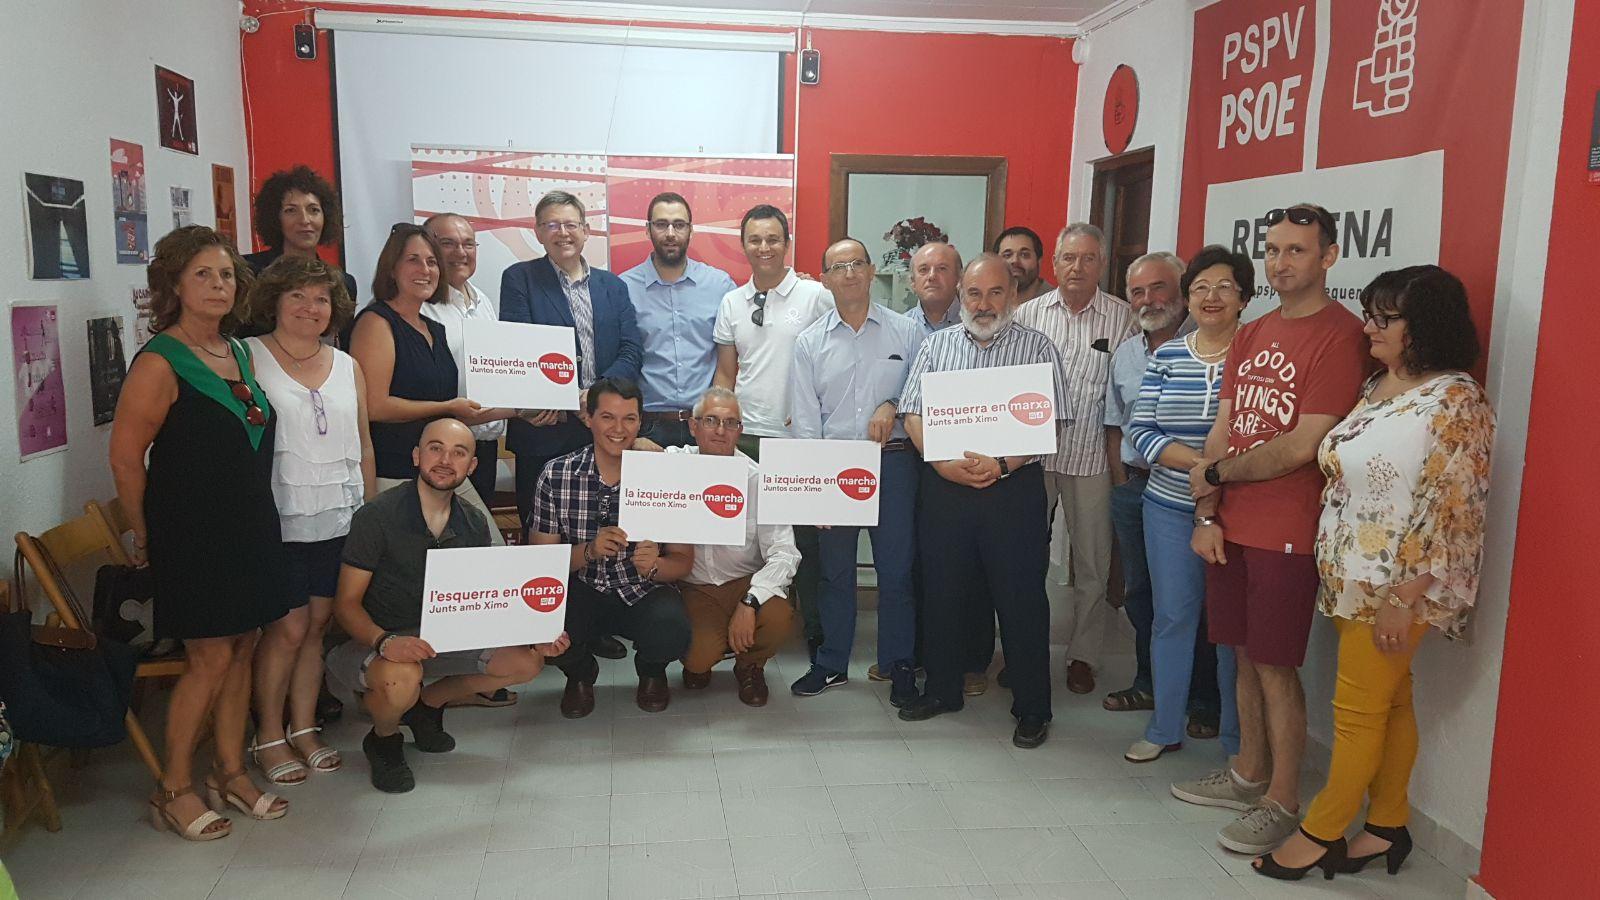 El precandidato a la secretaría general del PSPV-PSOE, Ximo Puig, ha visitado Requena donde se ha reunido con compañeros y compañeras.